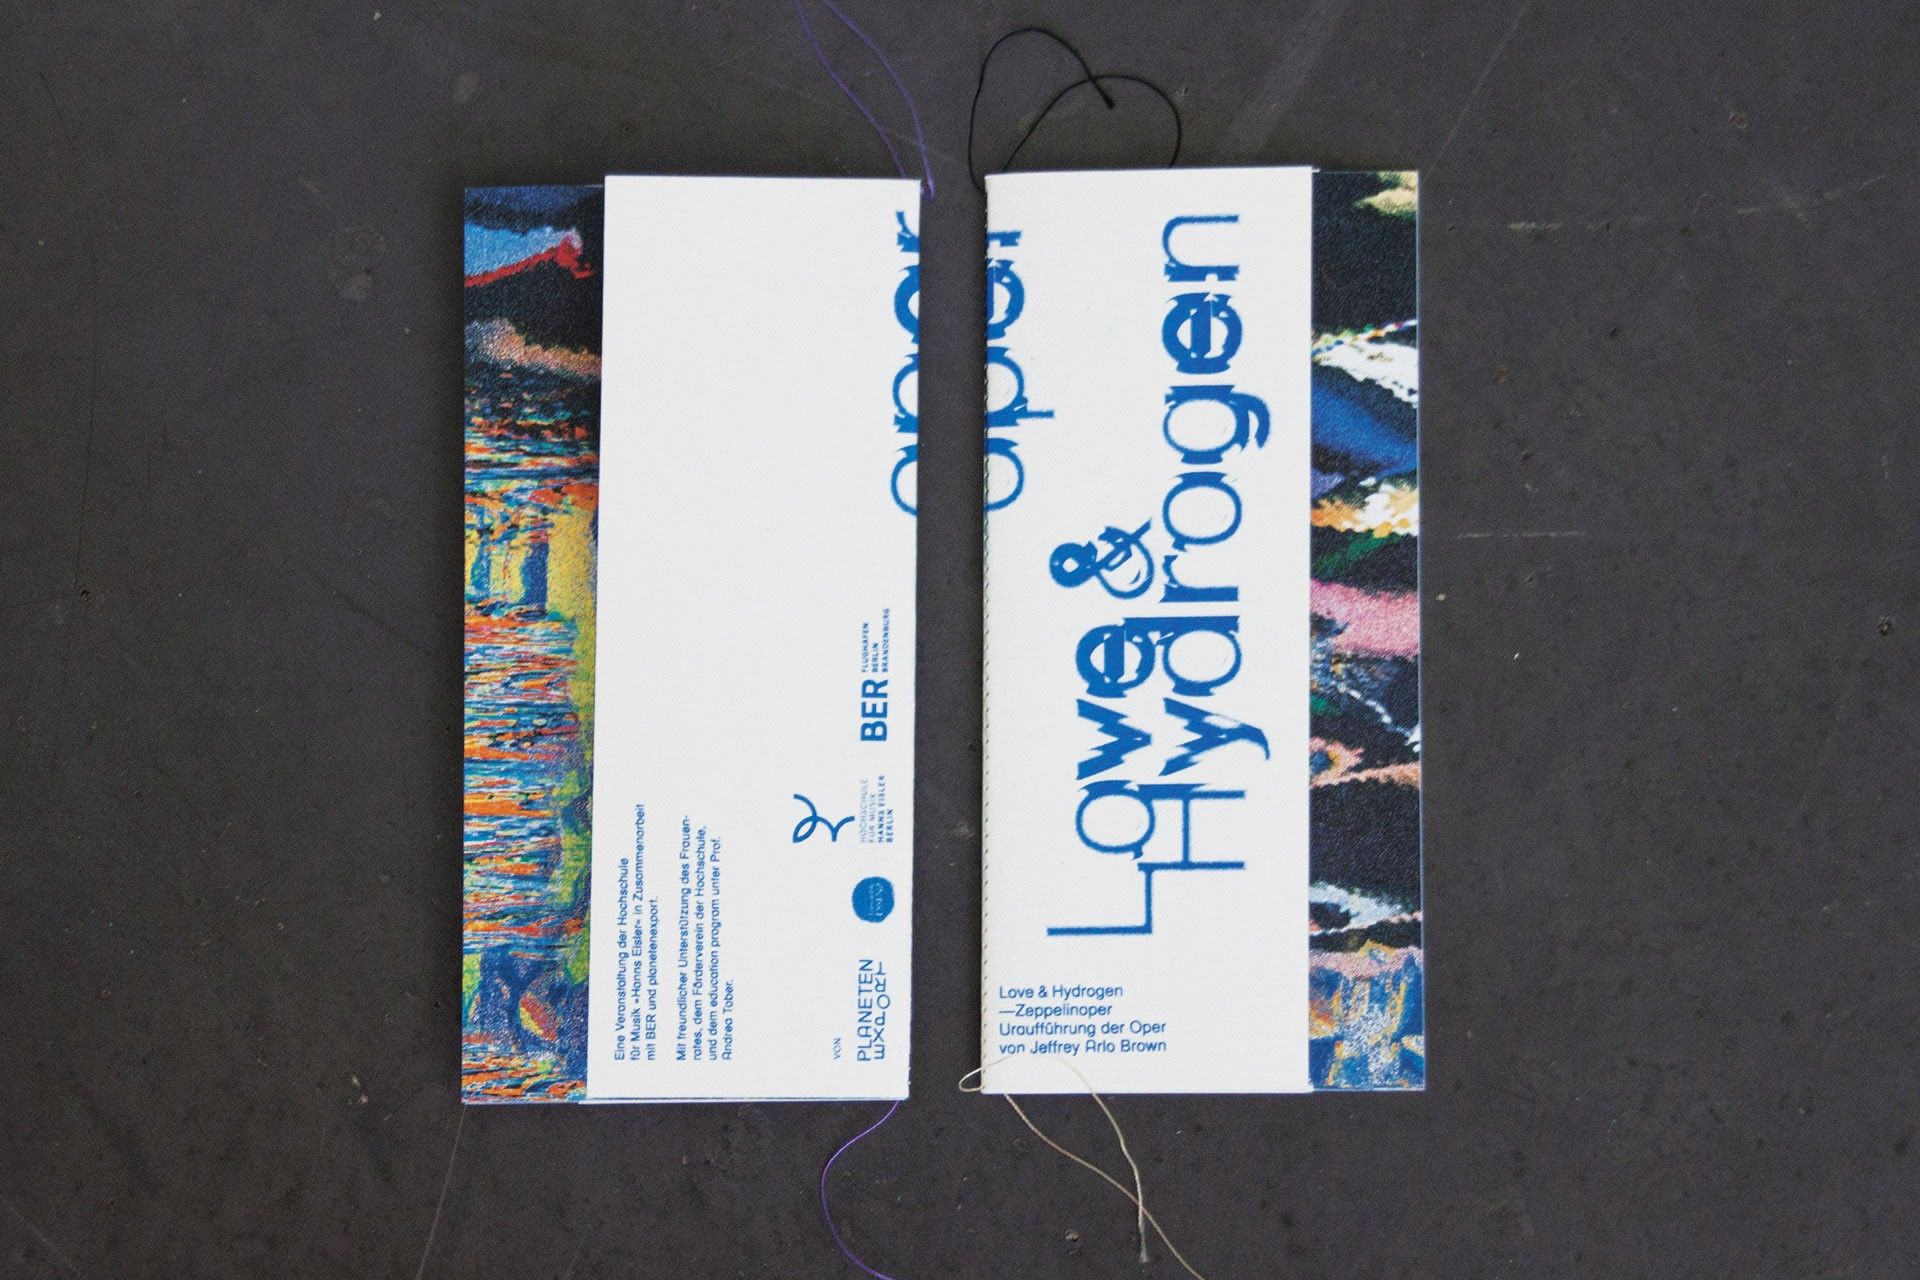 Design & Creative direction Love & Hydrogen — Zeppelinoper